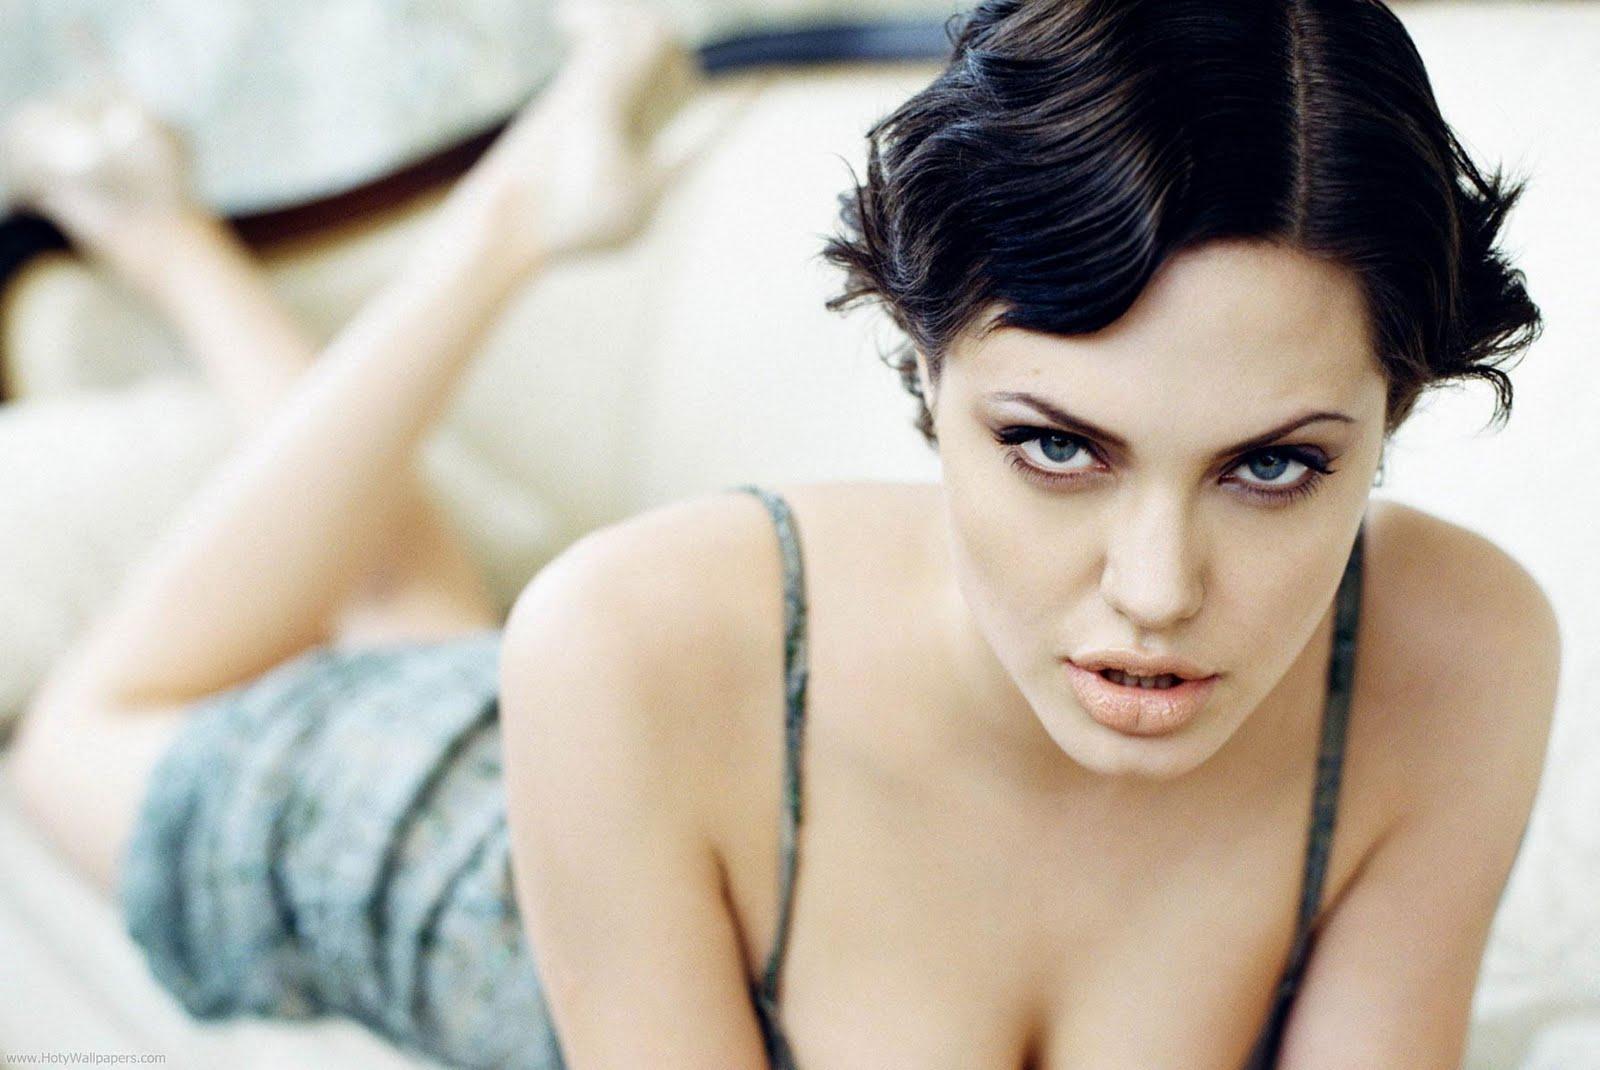 http://2.bp.blogspot.com/-YxEVqLCKiy0/TxQo6PpfrTI/AAAAAAAACXg/Ue587iGkOVQ/s1600/angelina_jolie_photoshoot-hd-1920x1200.jpg